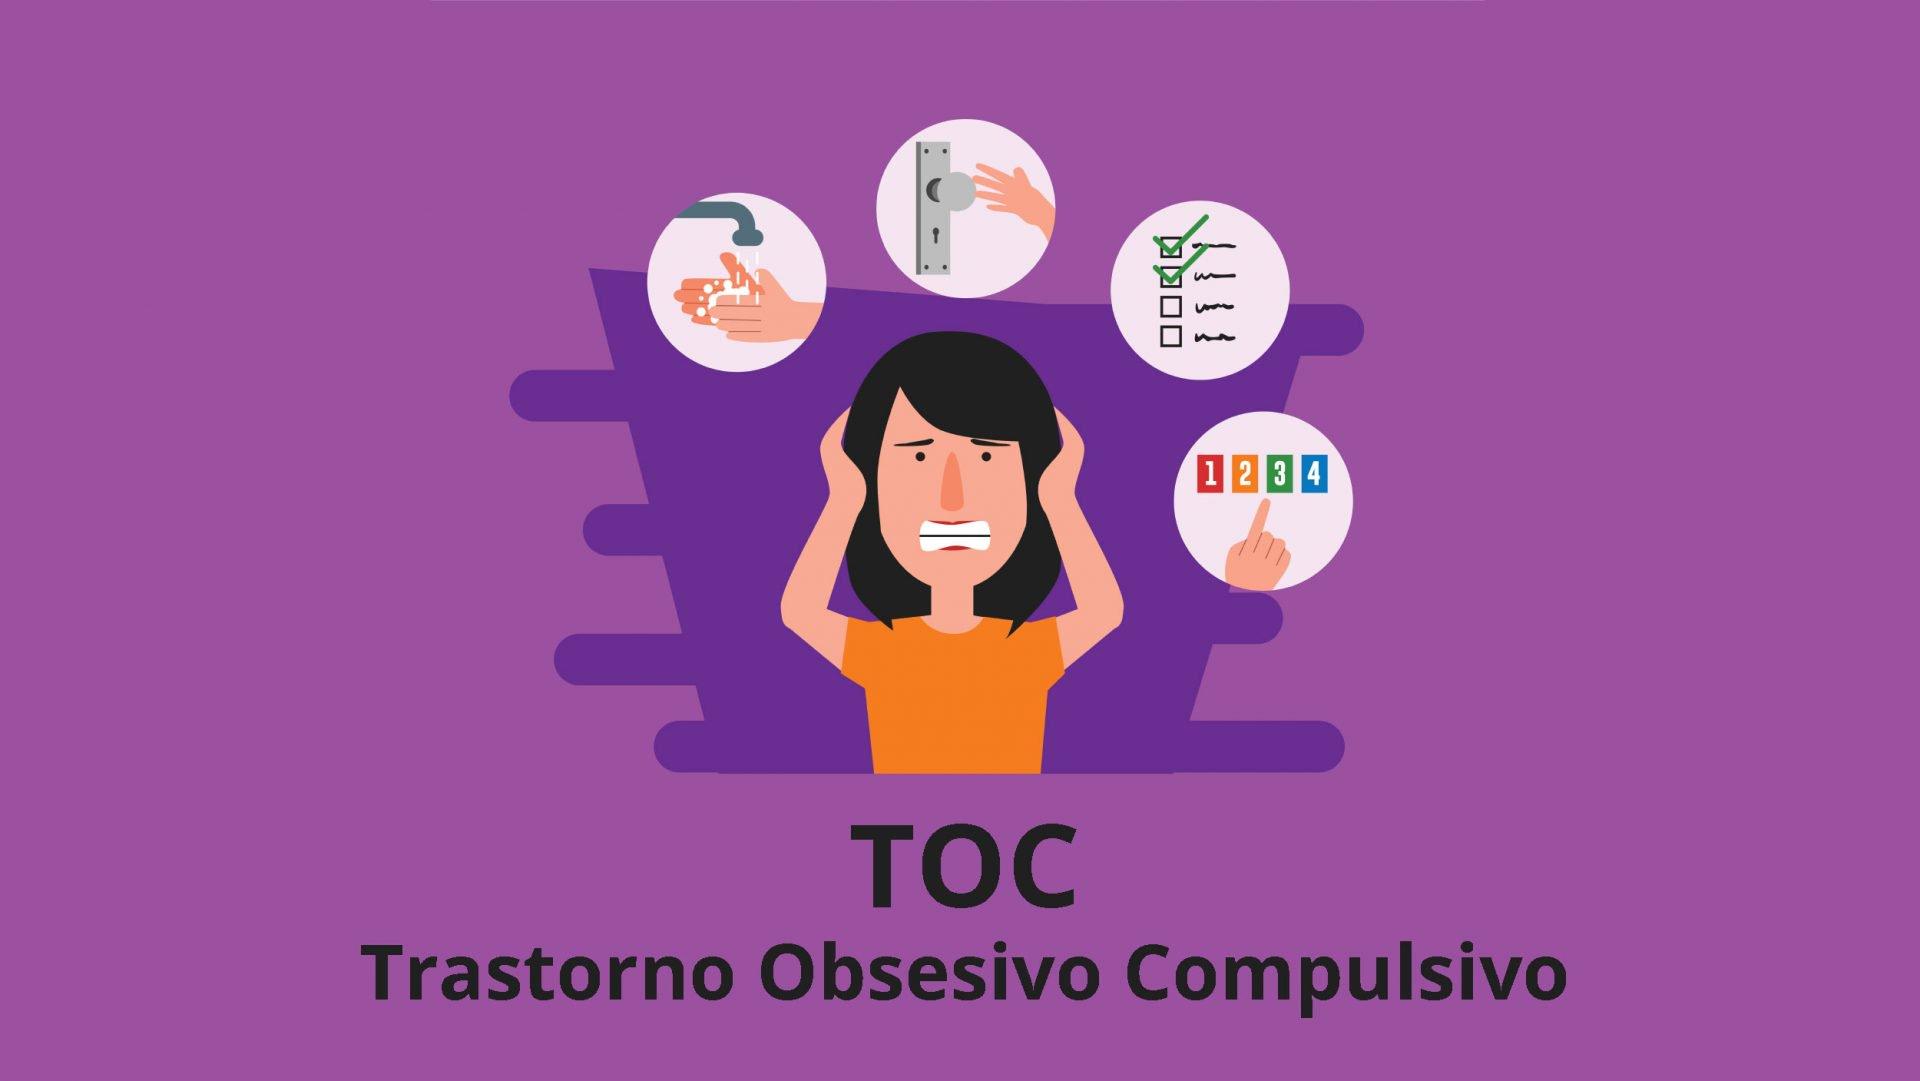 ¿Sabe qué es el Trastorno Obsesivo Compulsivo?